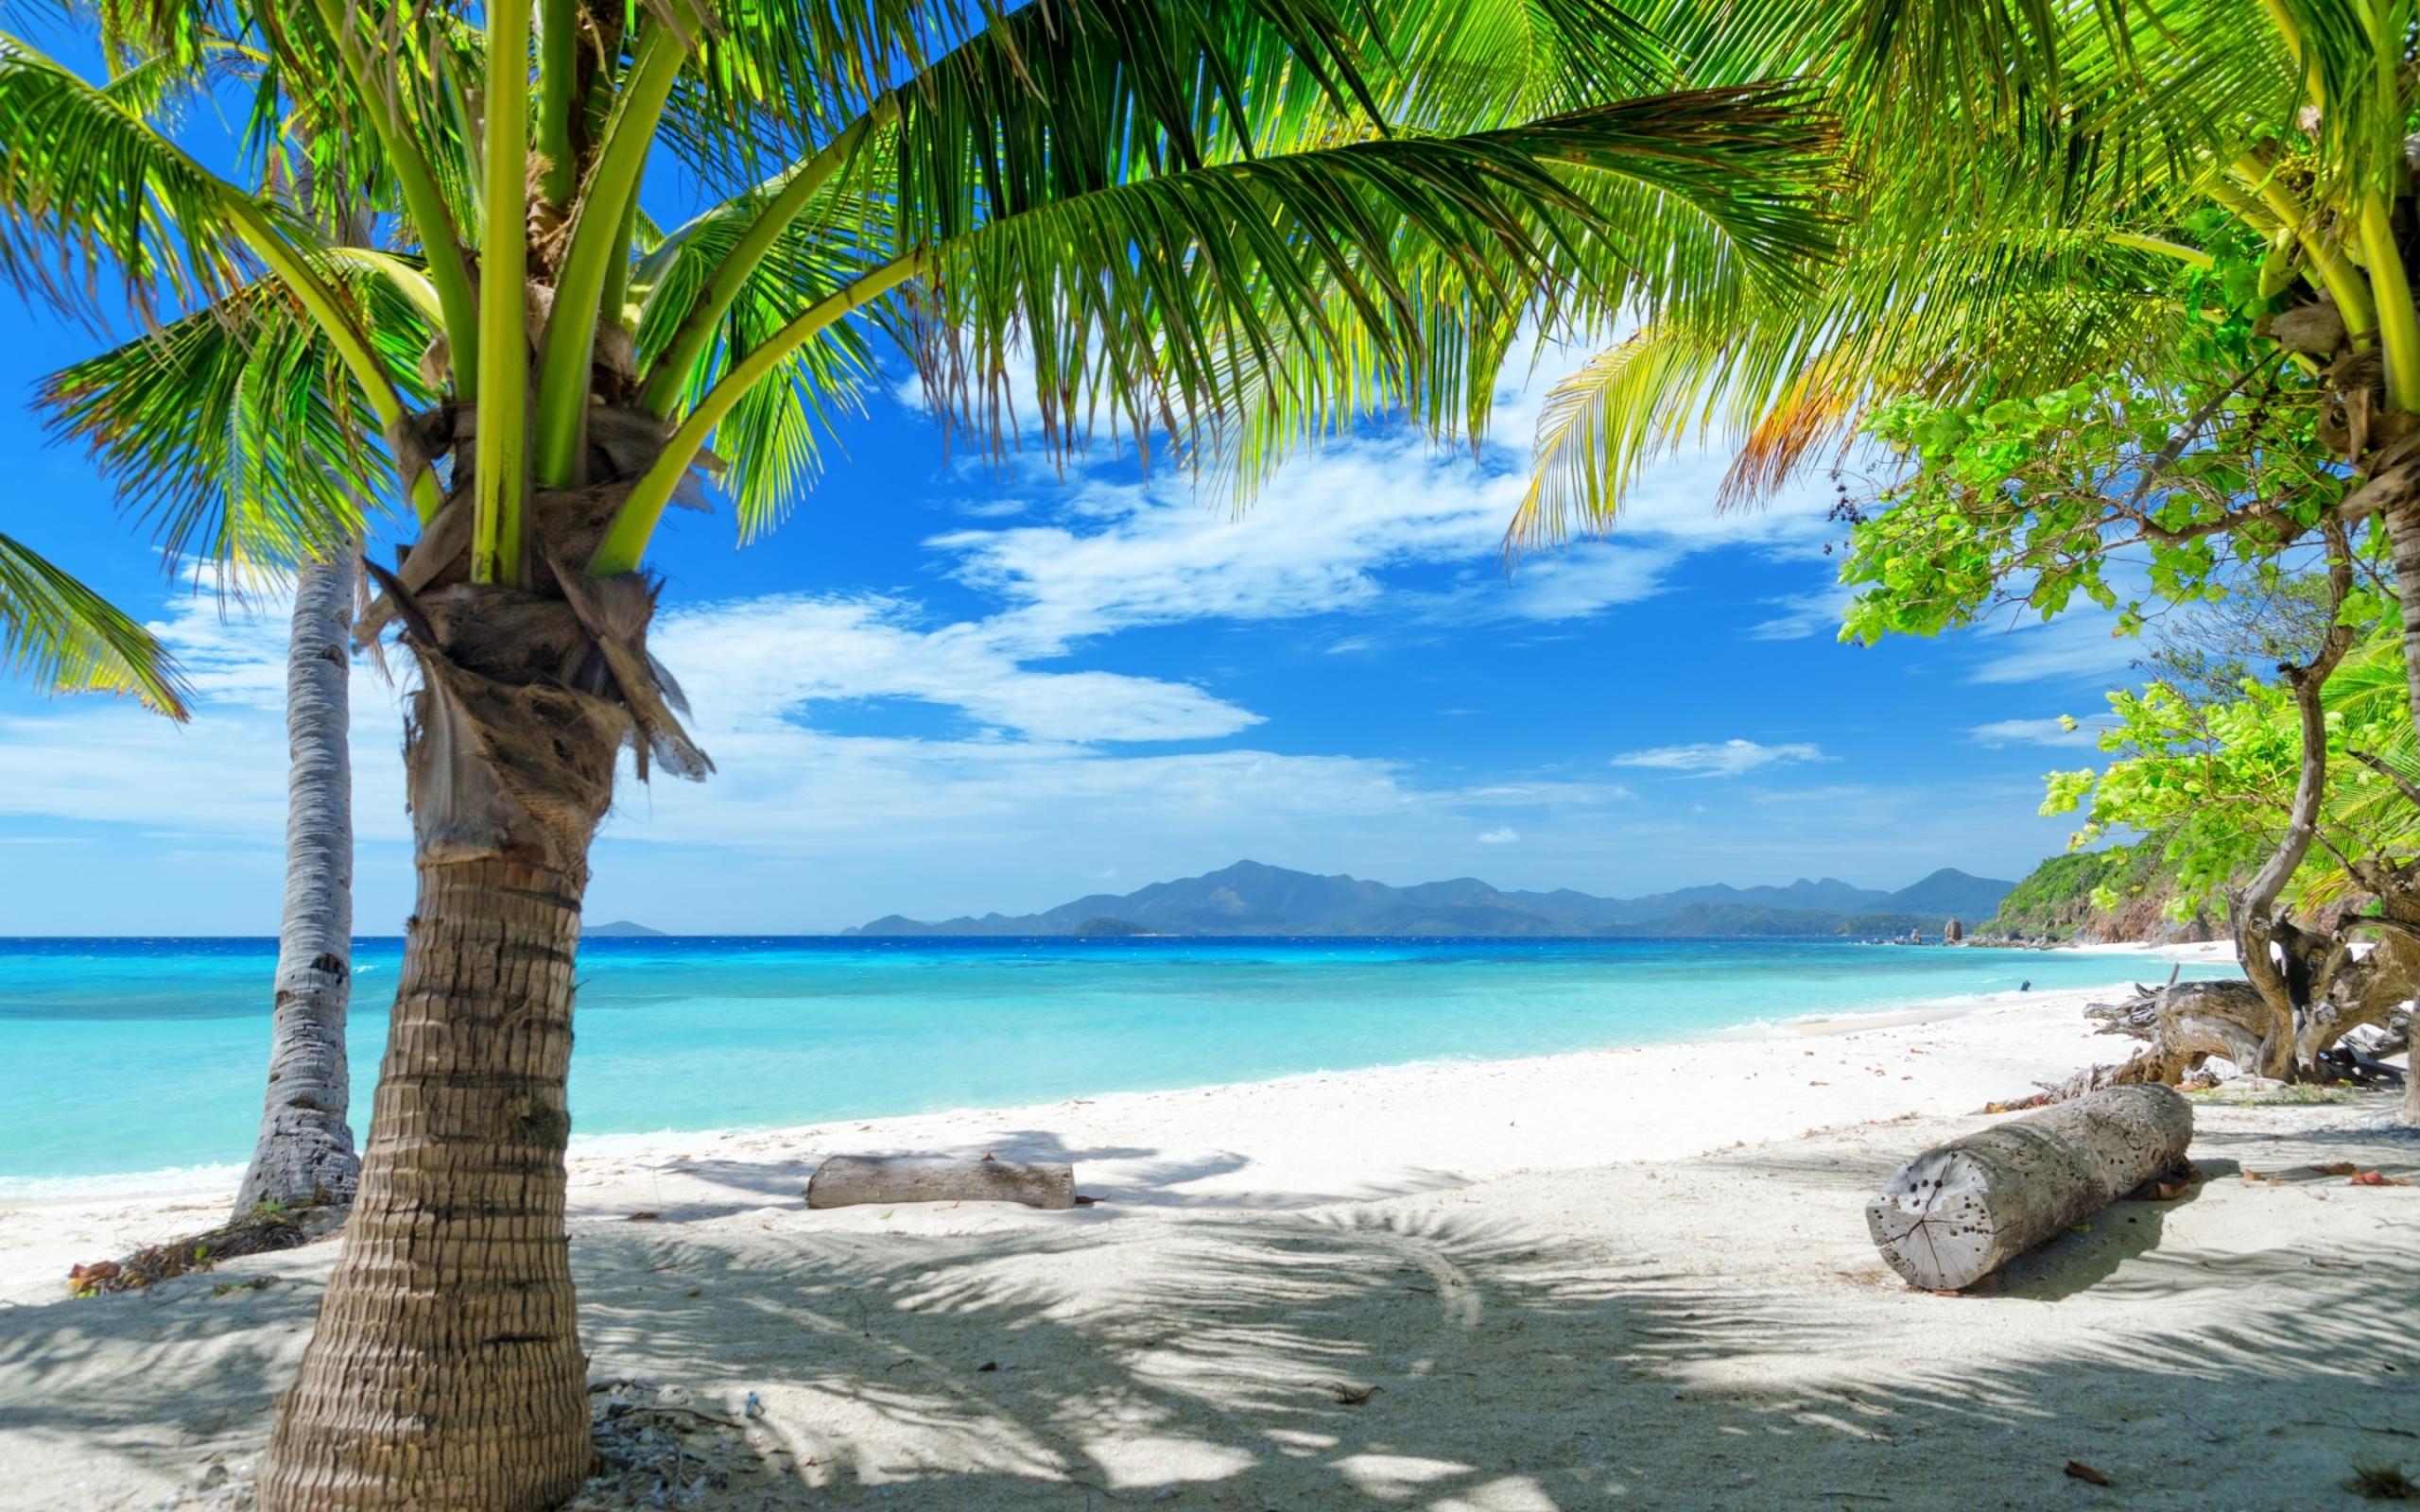 comtempting ocean beach with palm trees hd desktop wallpaperhtml 2560x1600